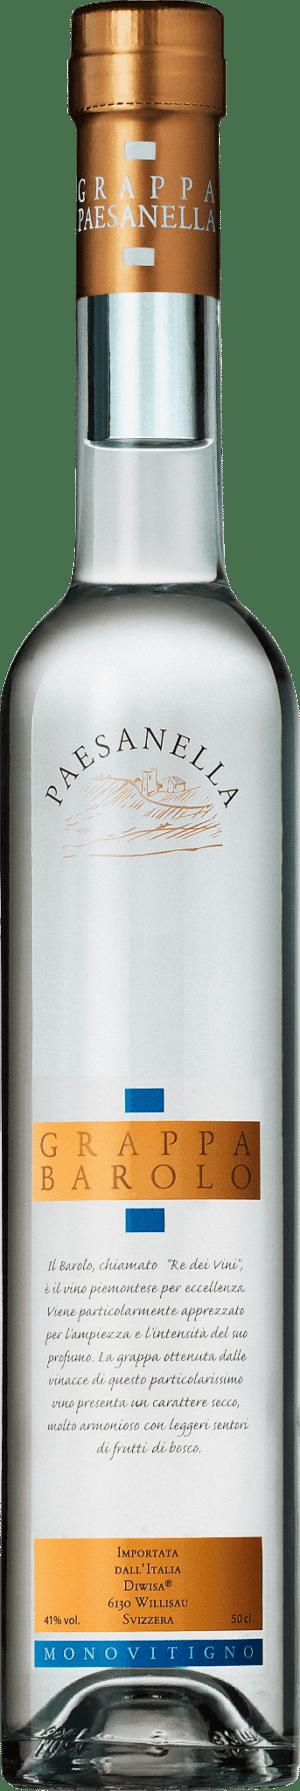 Grappa Barolo Paesanella 41% Vol. 50 cl